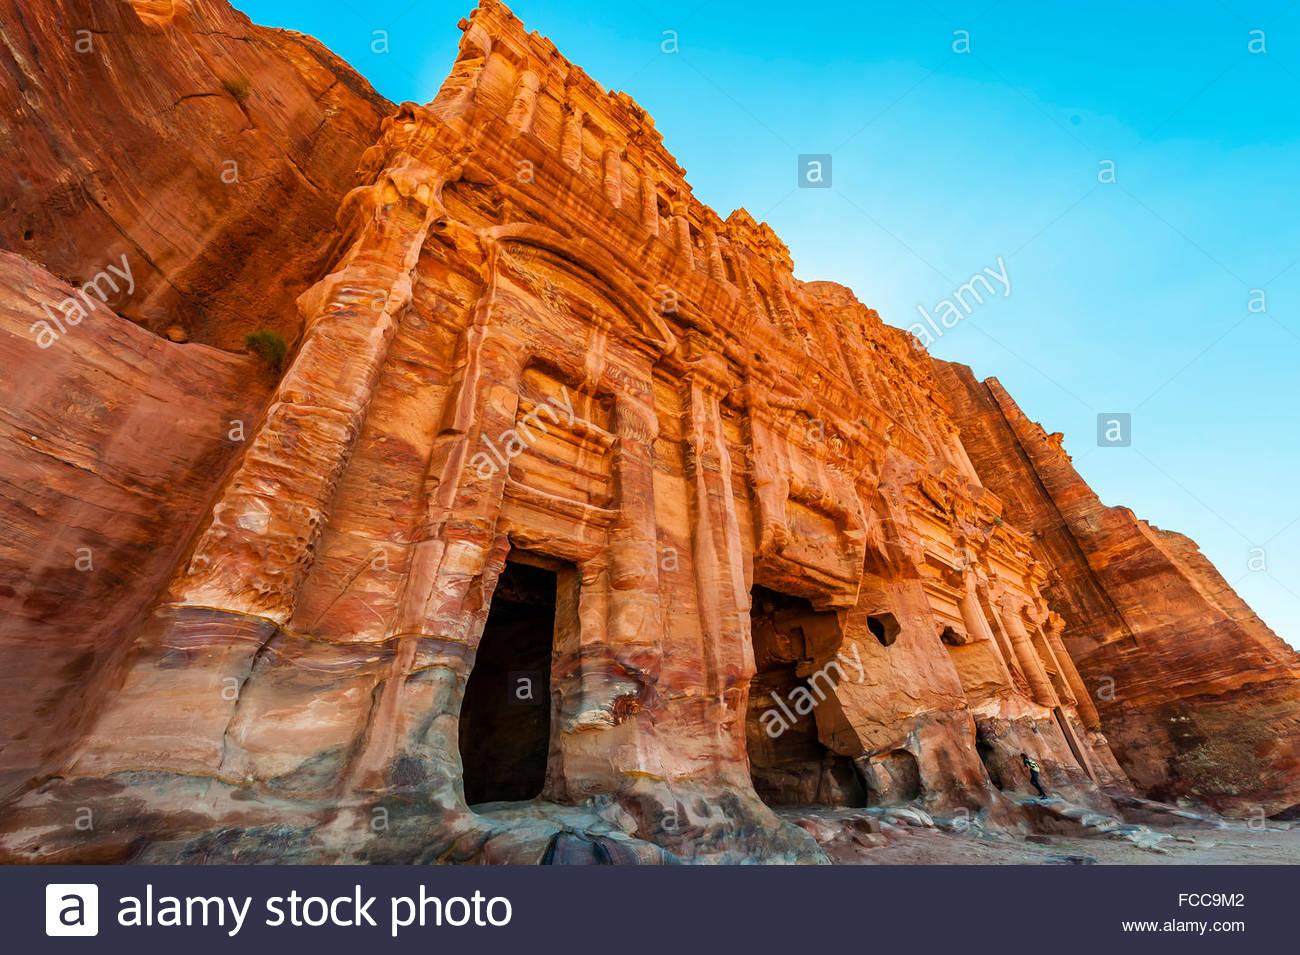 Palace Tomb (the Royal Tombs), Petra Archaeological Park (a UNESCO World Heritage Site), Petra, Jordan. - Stock Image